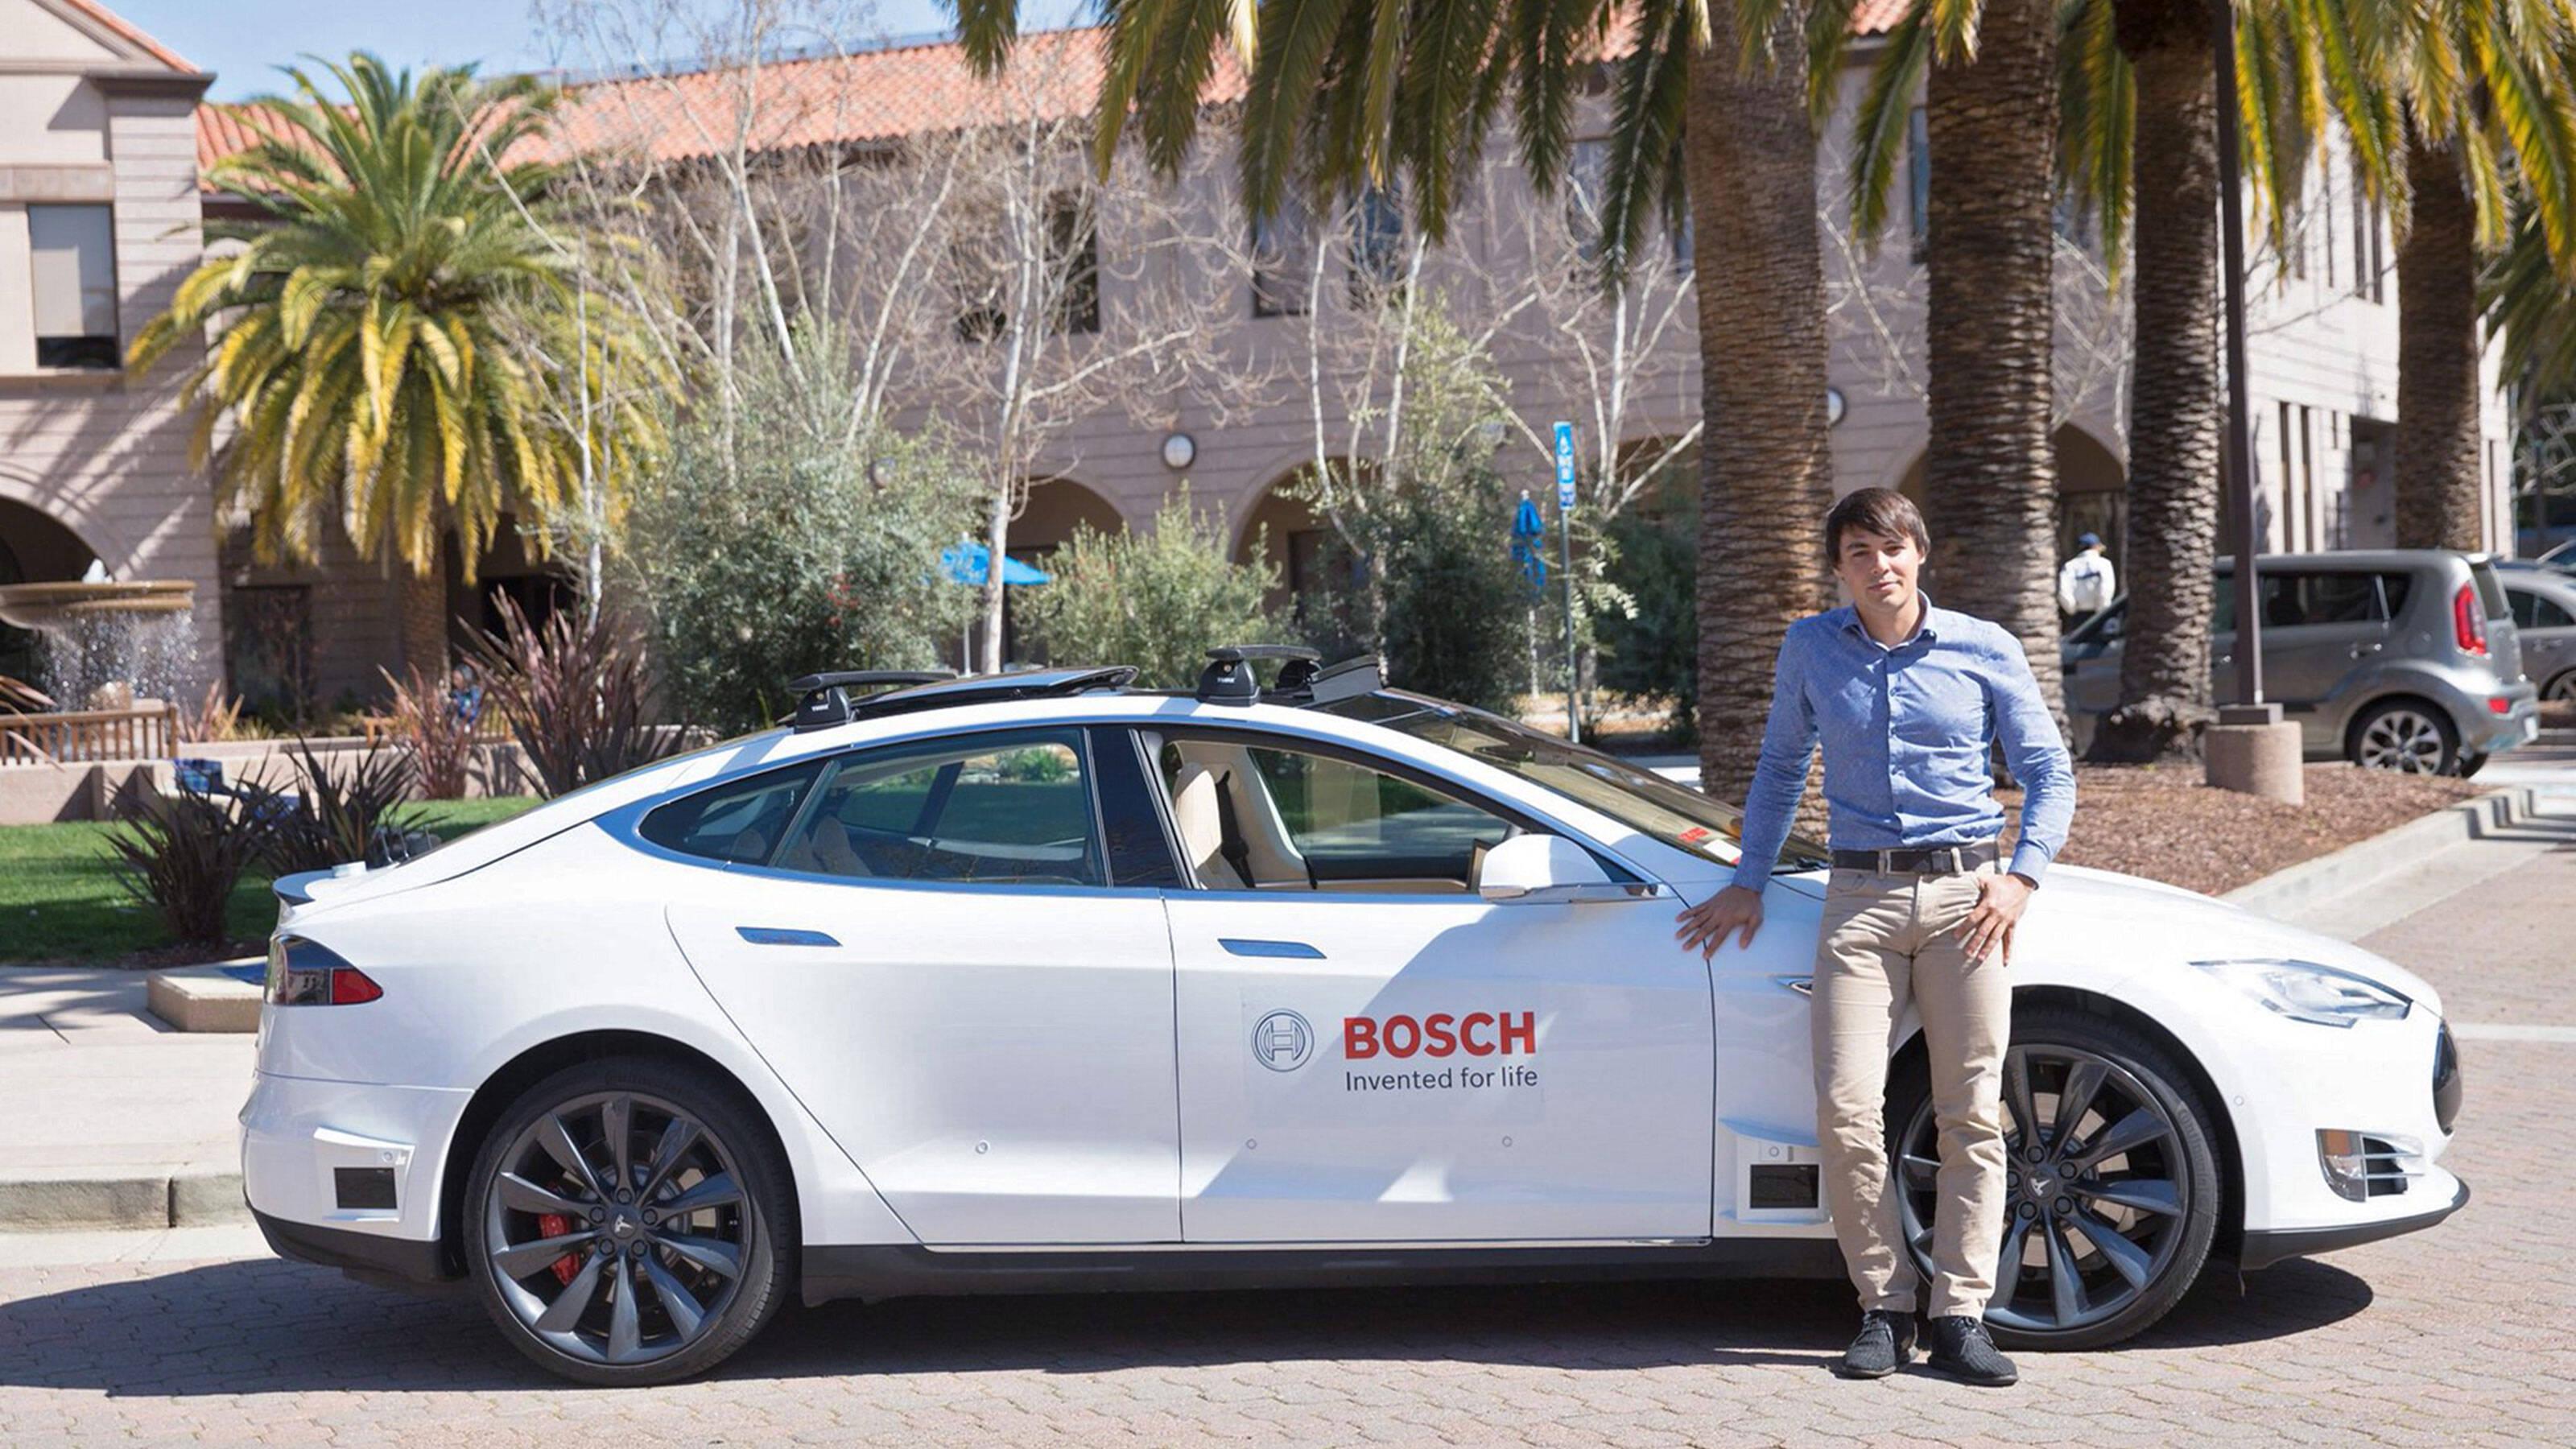 Self-driving car technology | Bosch Global